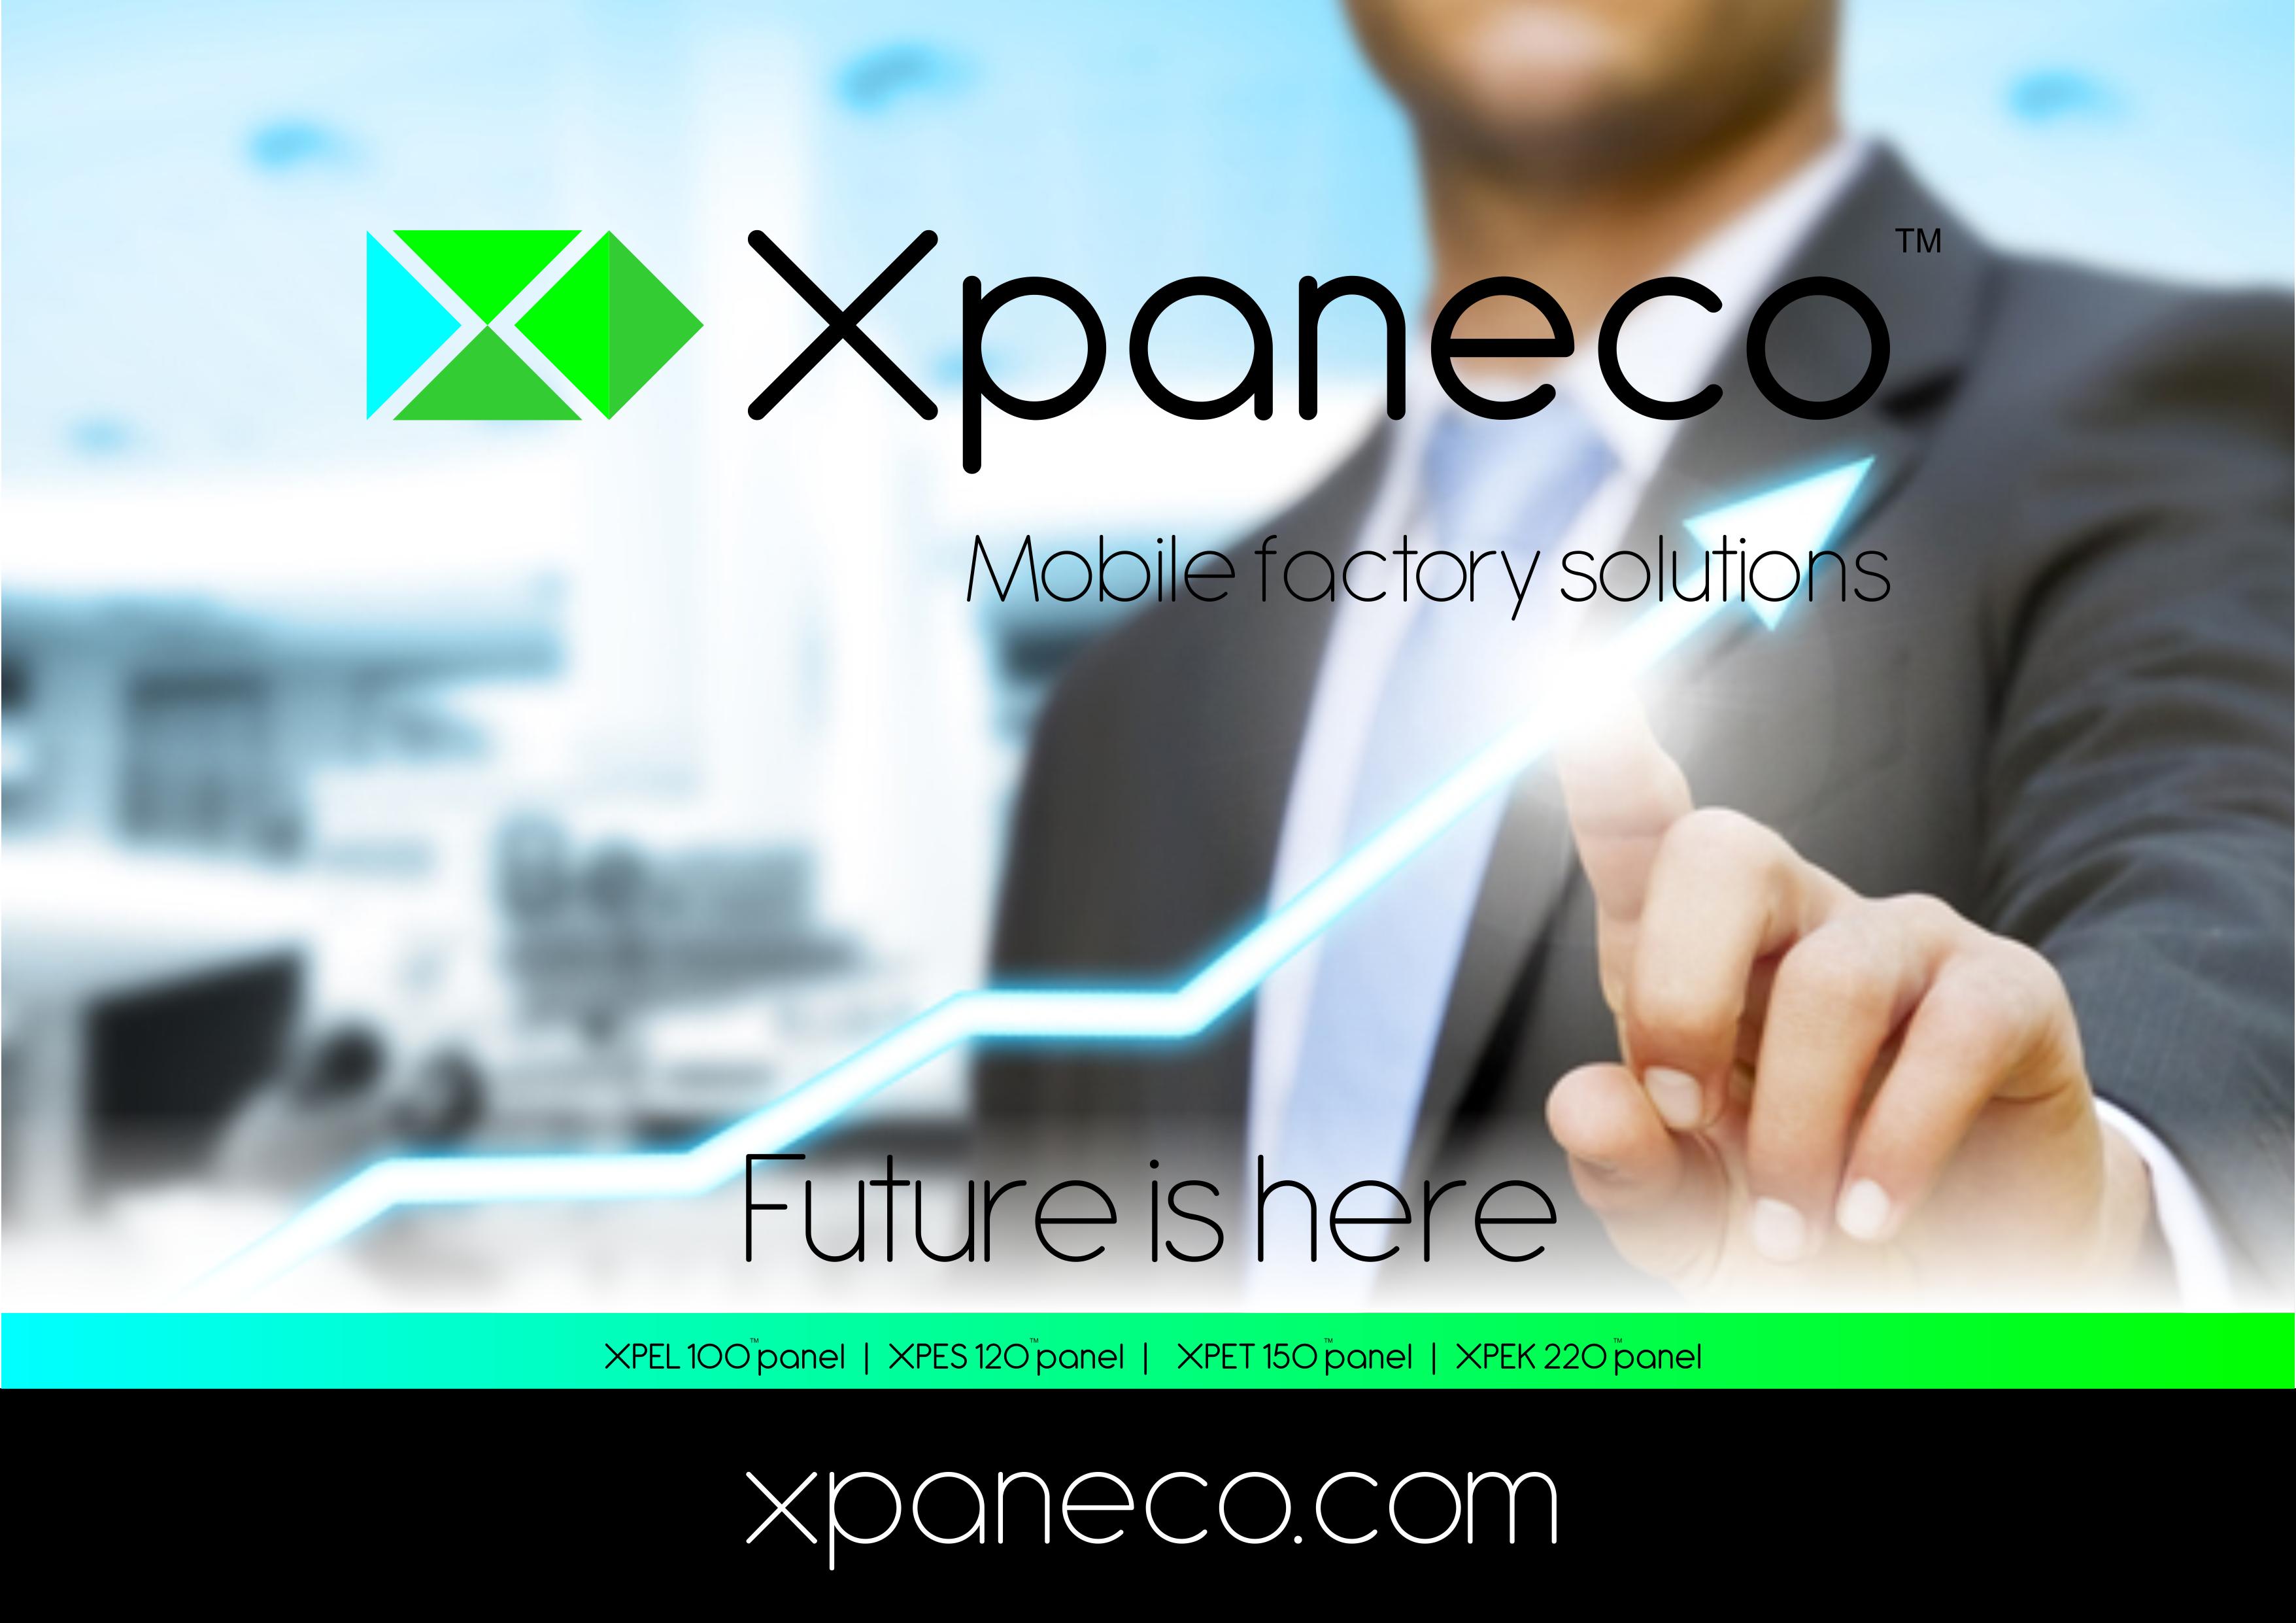 Xpaneco Advert English Xpaneco